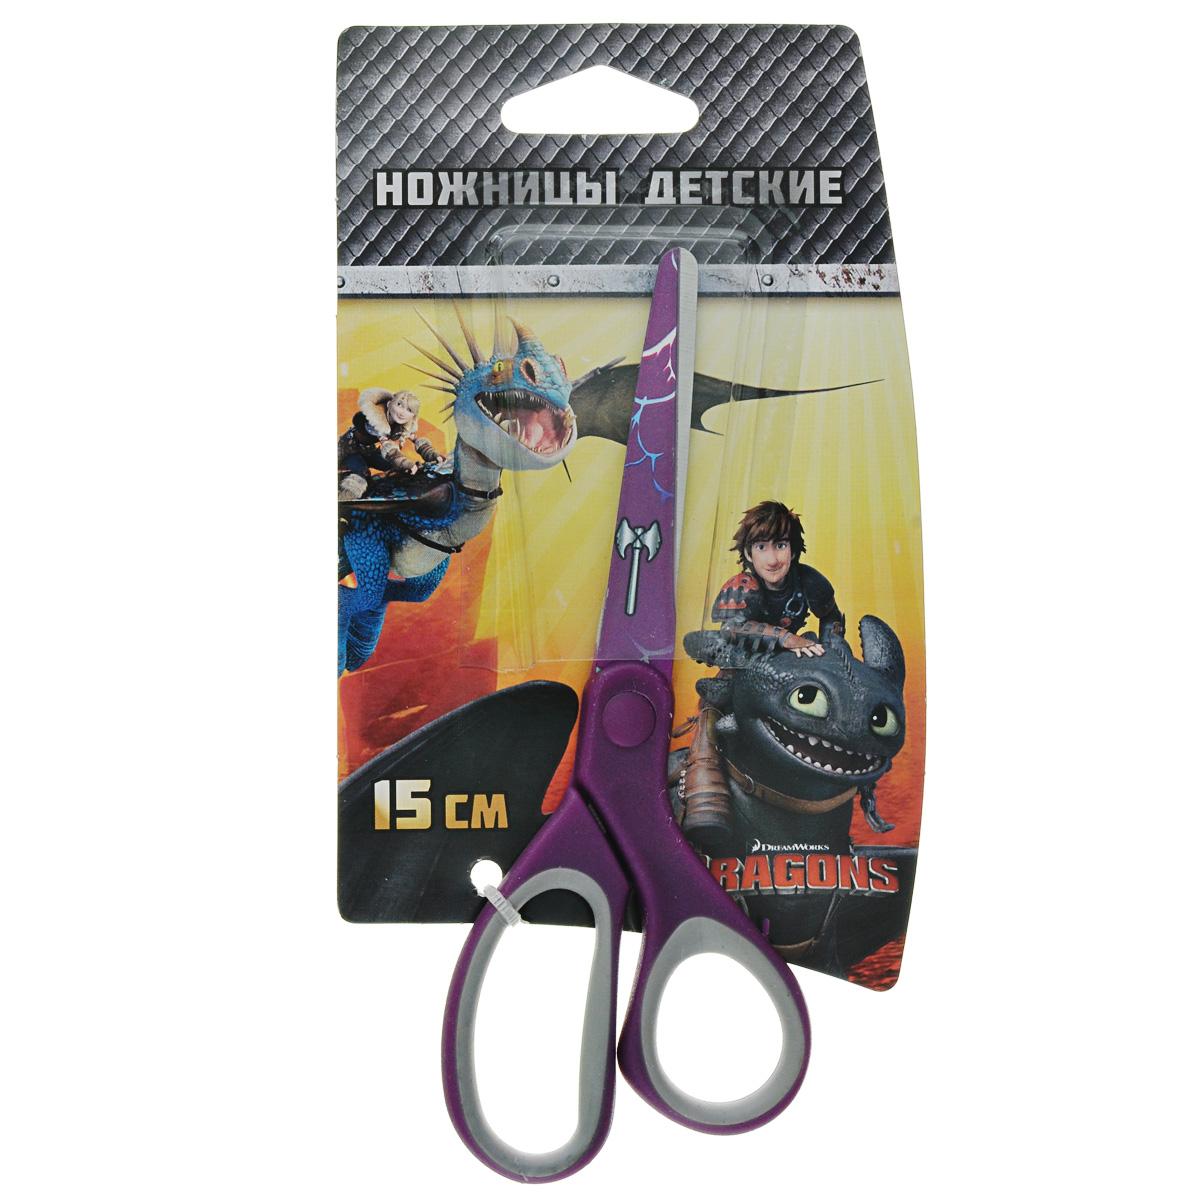 """Ножницы детские Action """"Dragons"""", цвет: фиолетовый, 15 см, ACTION!"""